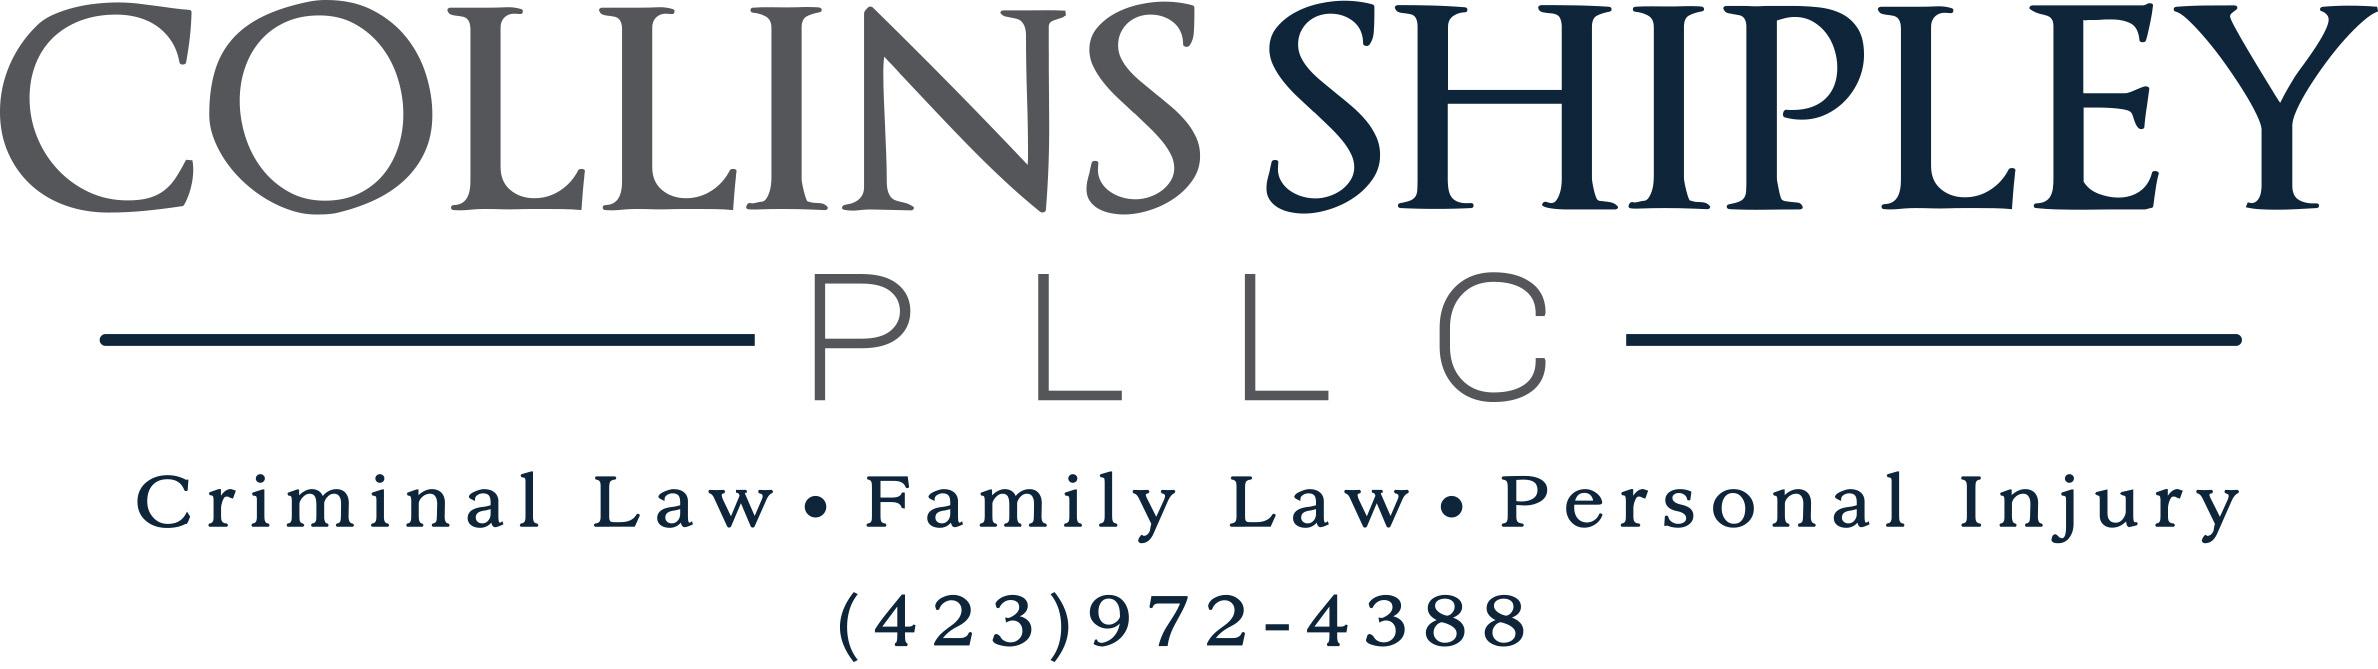 Collins Shipley, PLLC